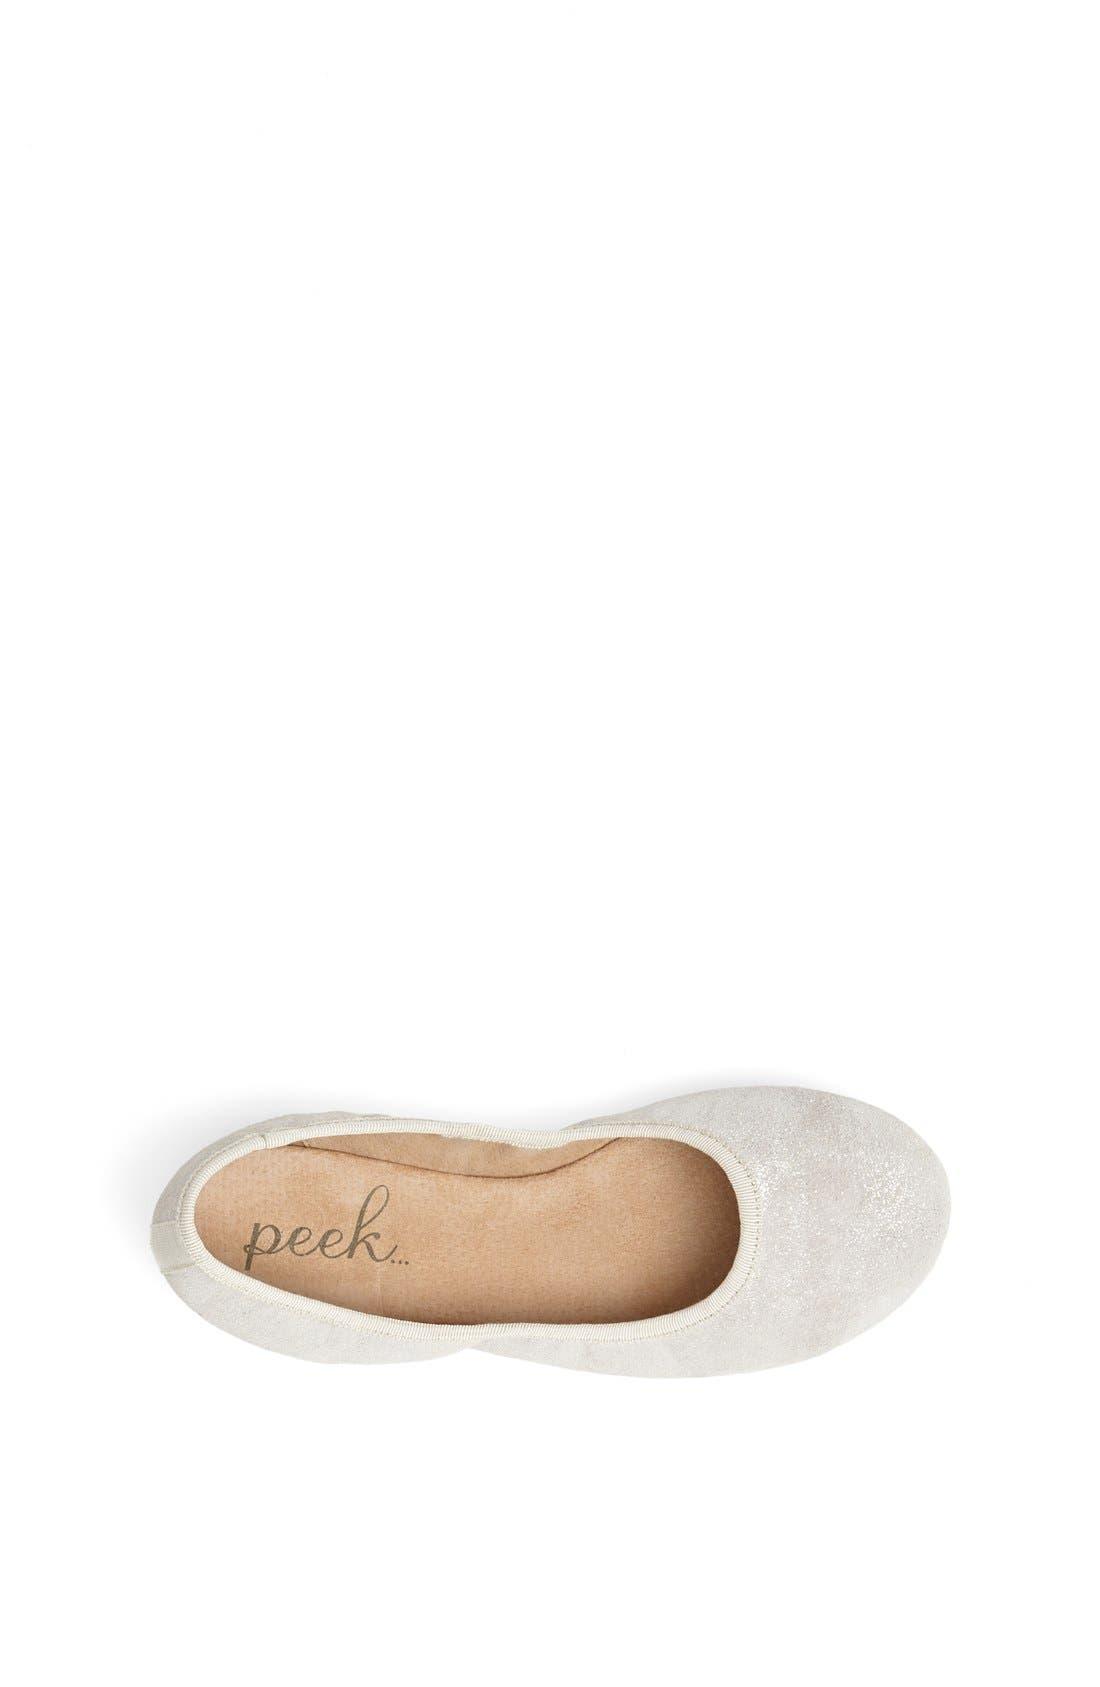 Alternate Image 3  - Peek 'Dita' Ballet Flat (Toddler, Little Kid & Big Kid)